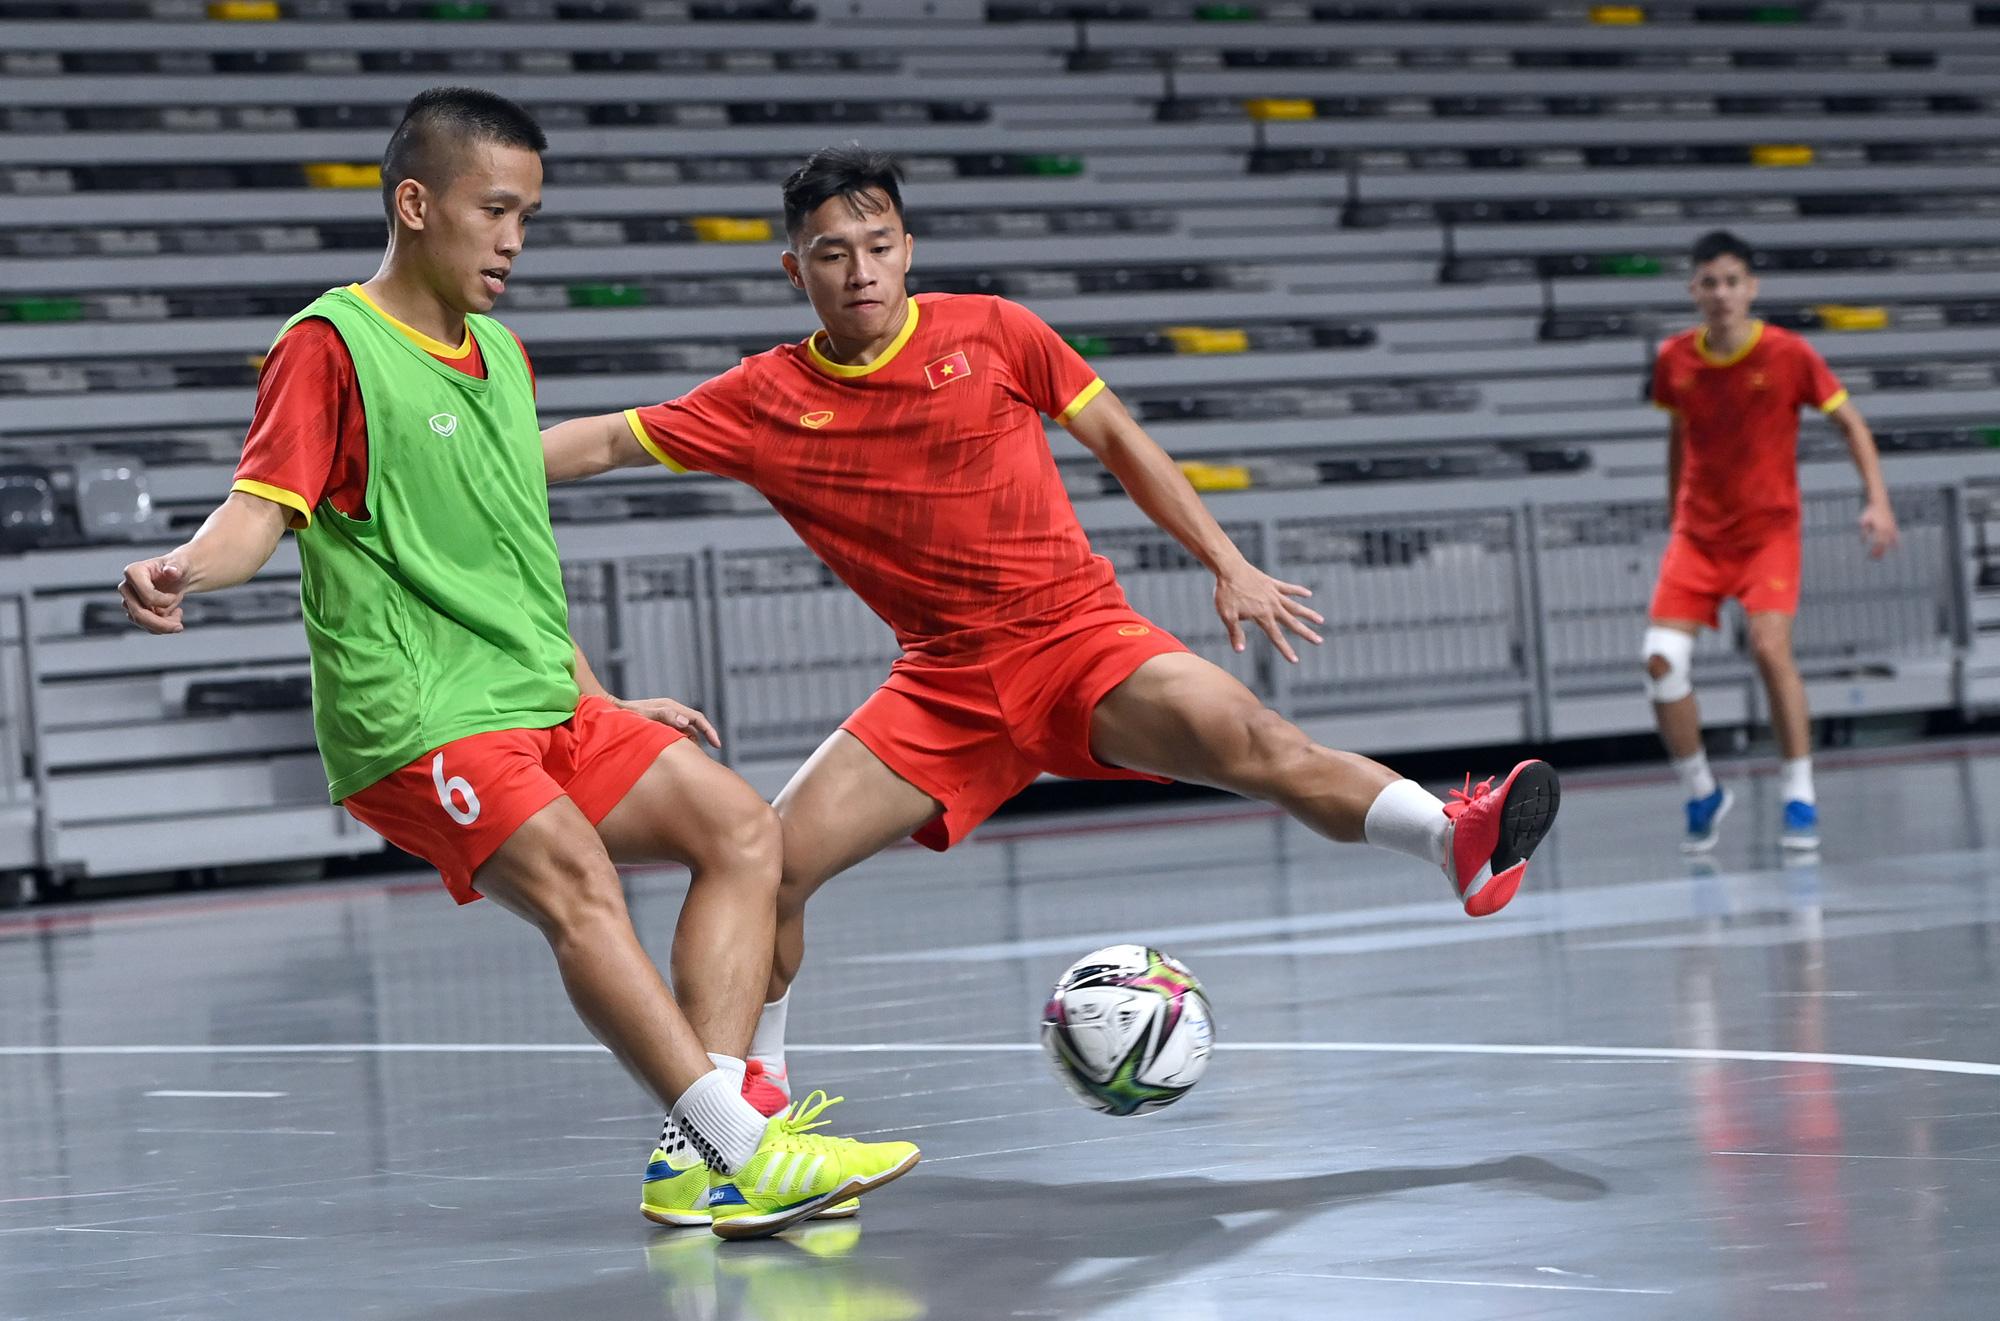 Đội tuyển futsal Việt Nam trong buổi tập đầu tiên tại Tây Ban Nha - Ảnh 6.